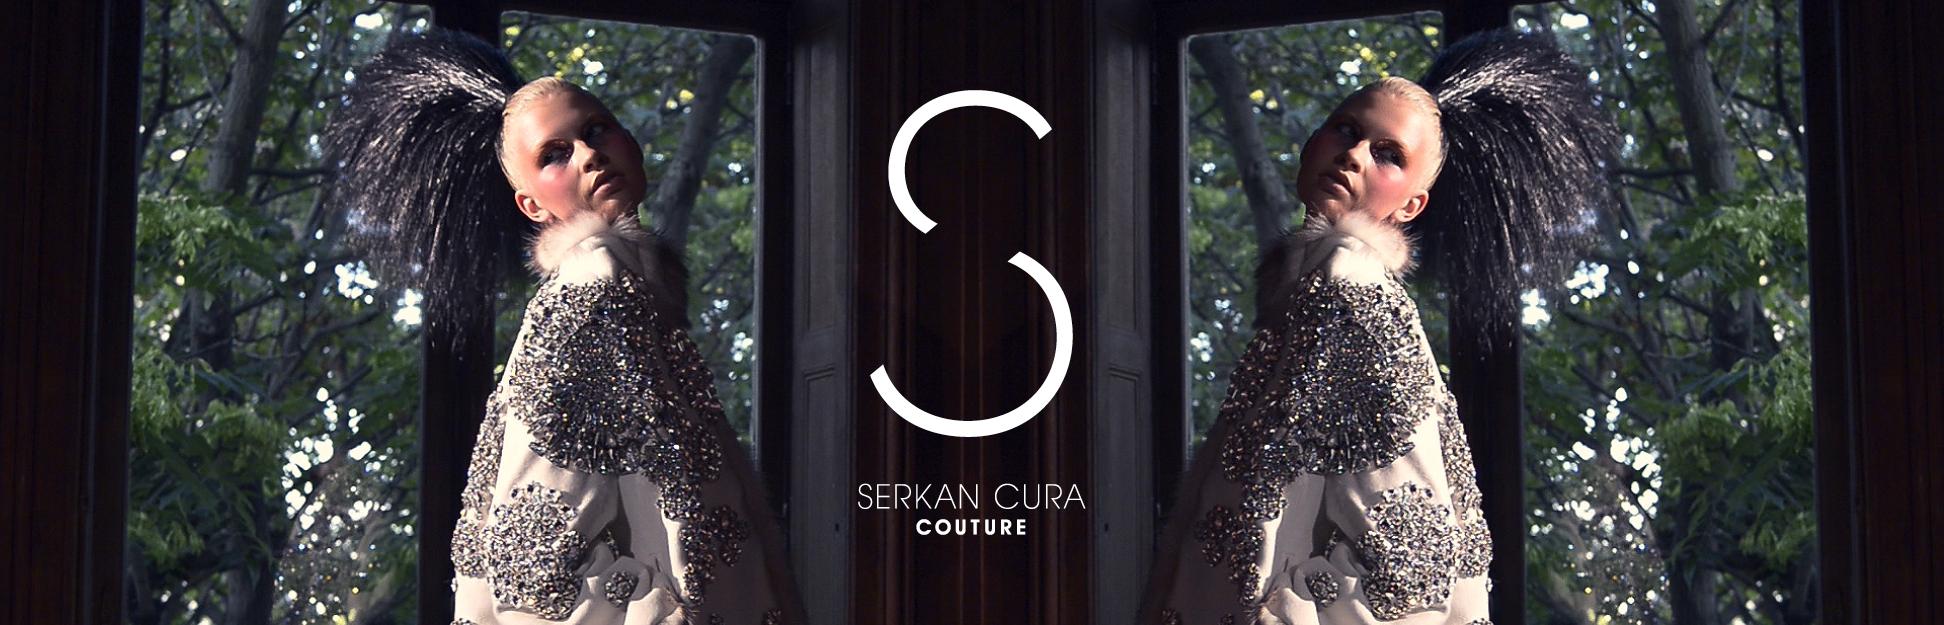 SERKAN_CURA